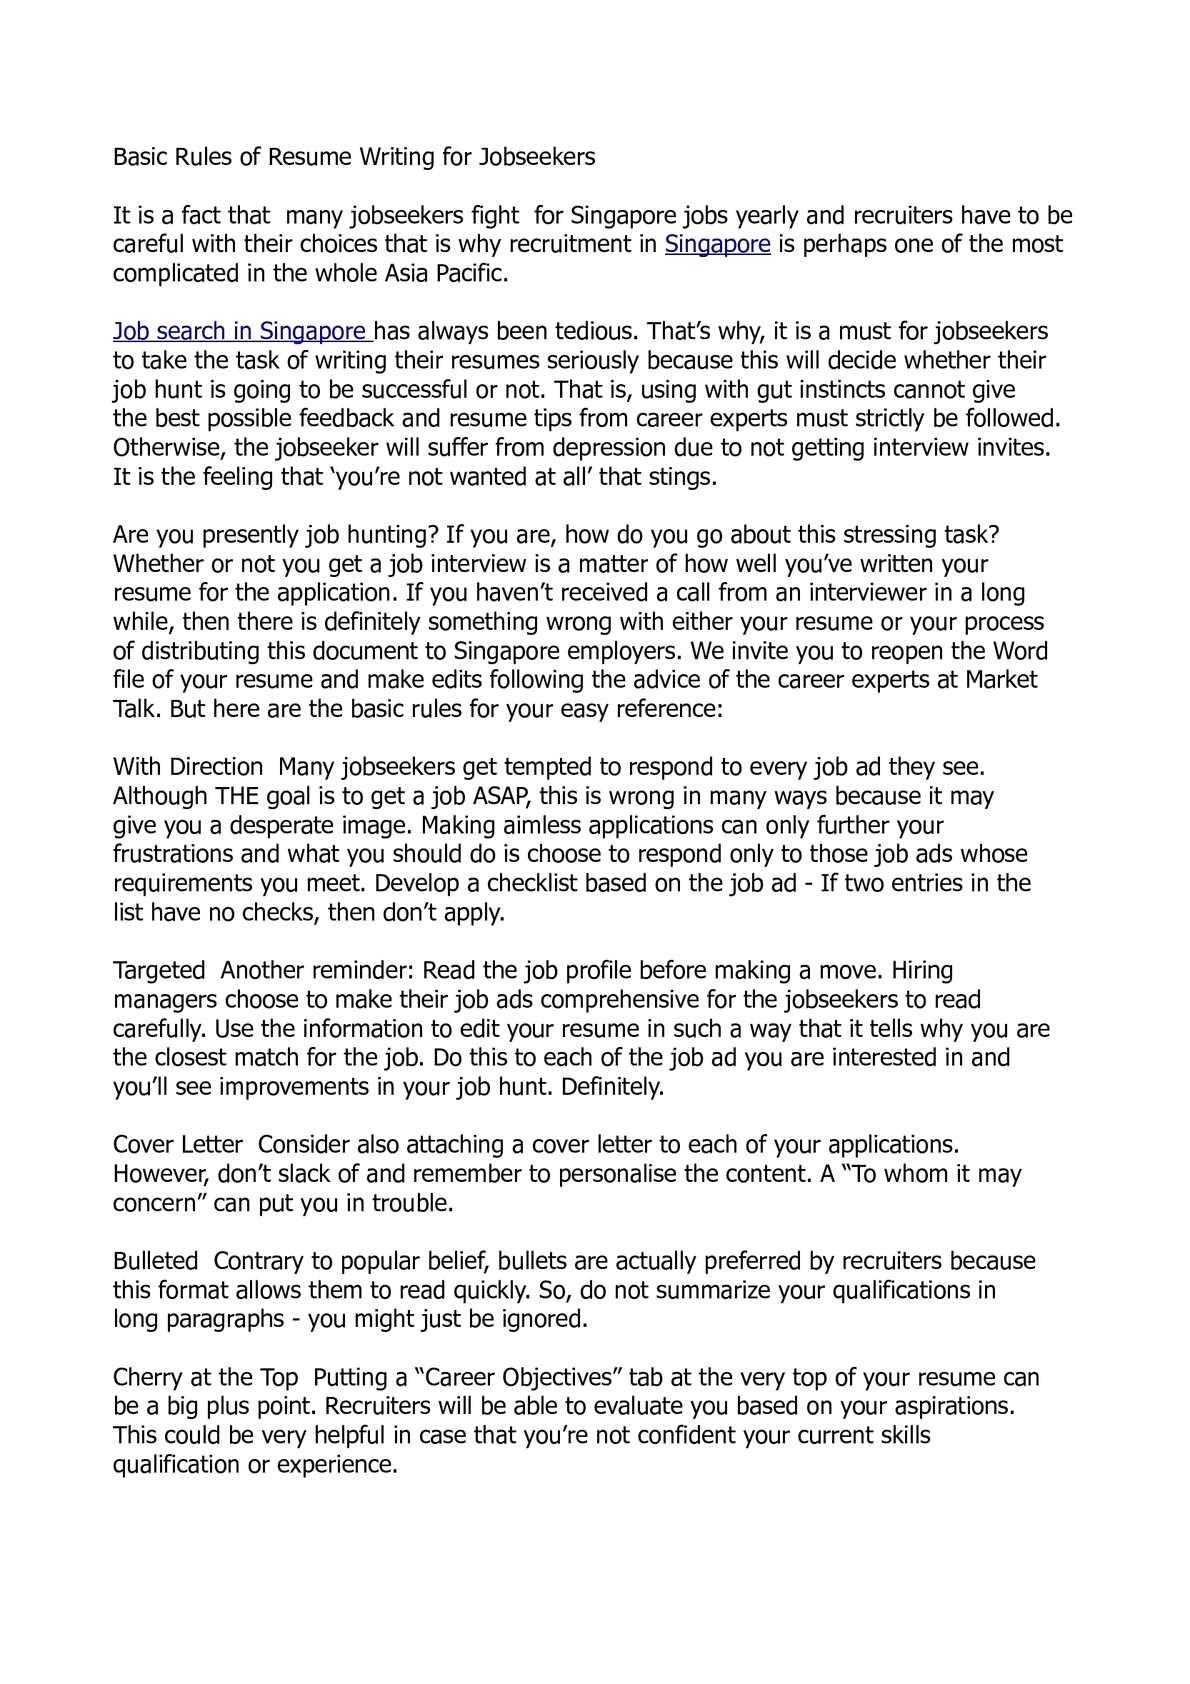 Basic Rules Of Resume Writing Calameo Basic Rules Of Resume Writing for Jobseekers